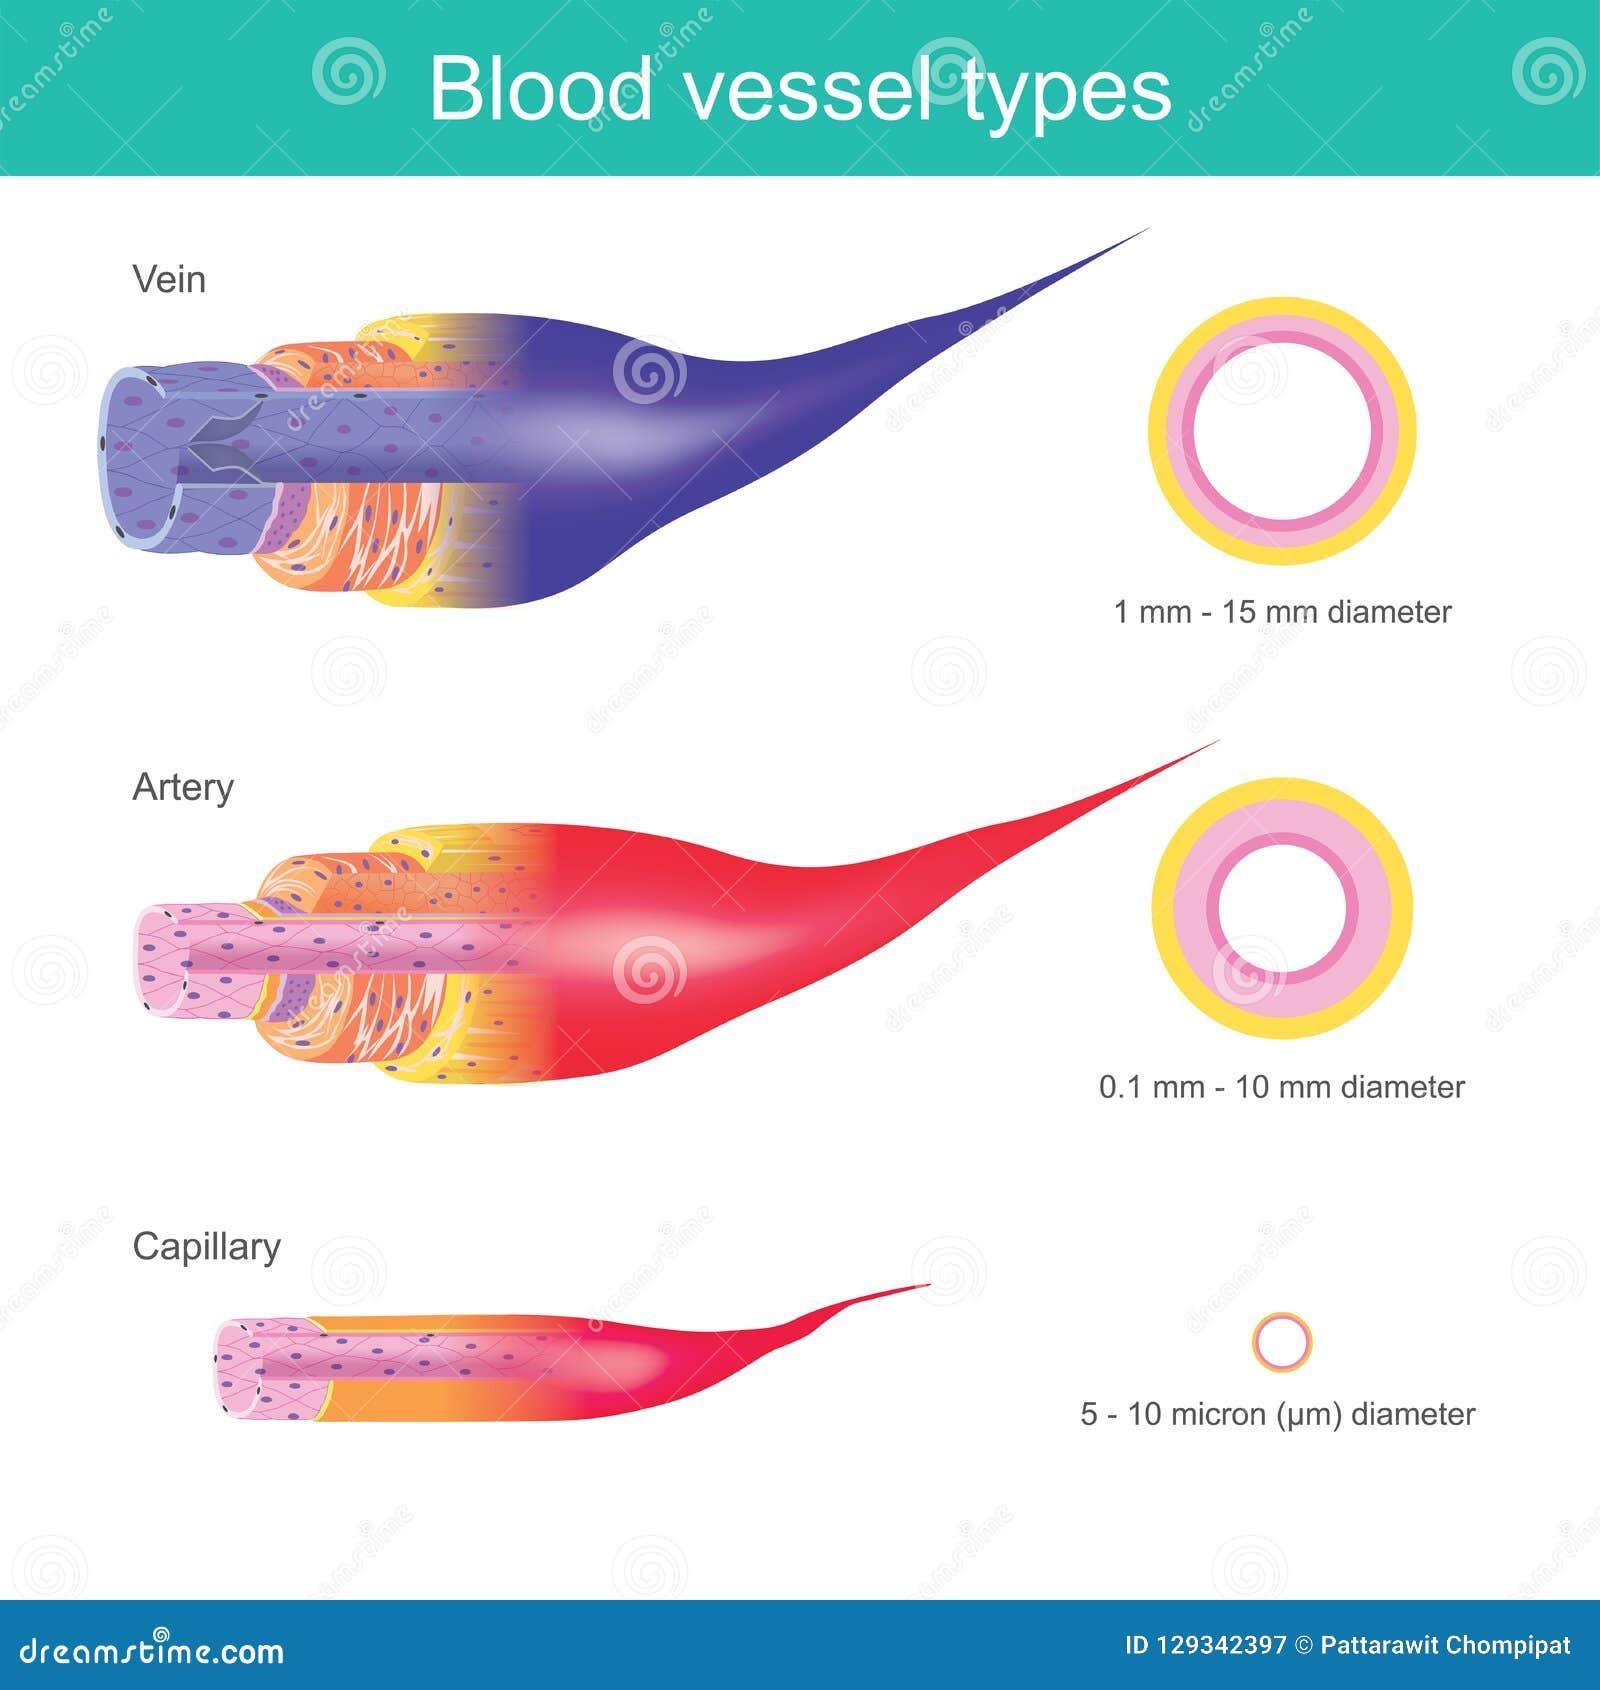 Die Blutgefäße im menschlichen Körper sind für transpor verantwortlich